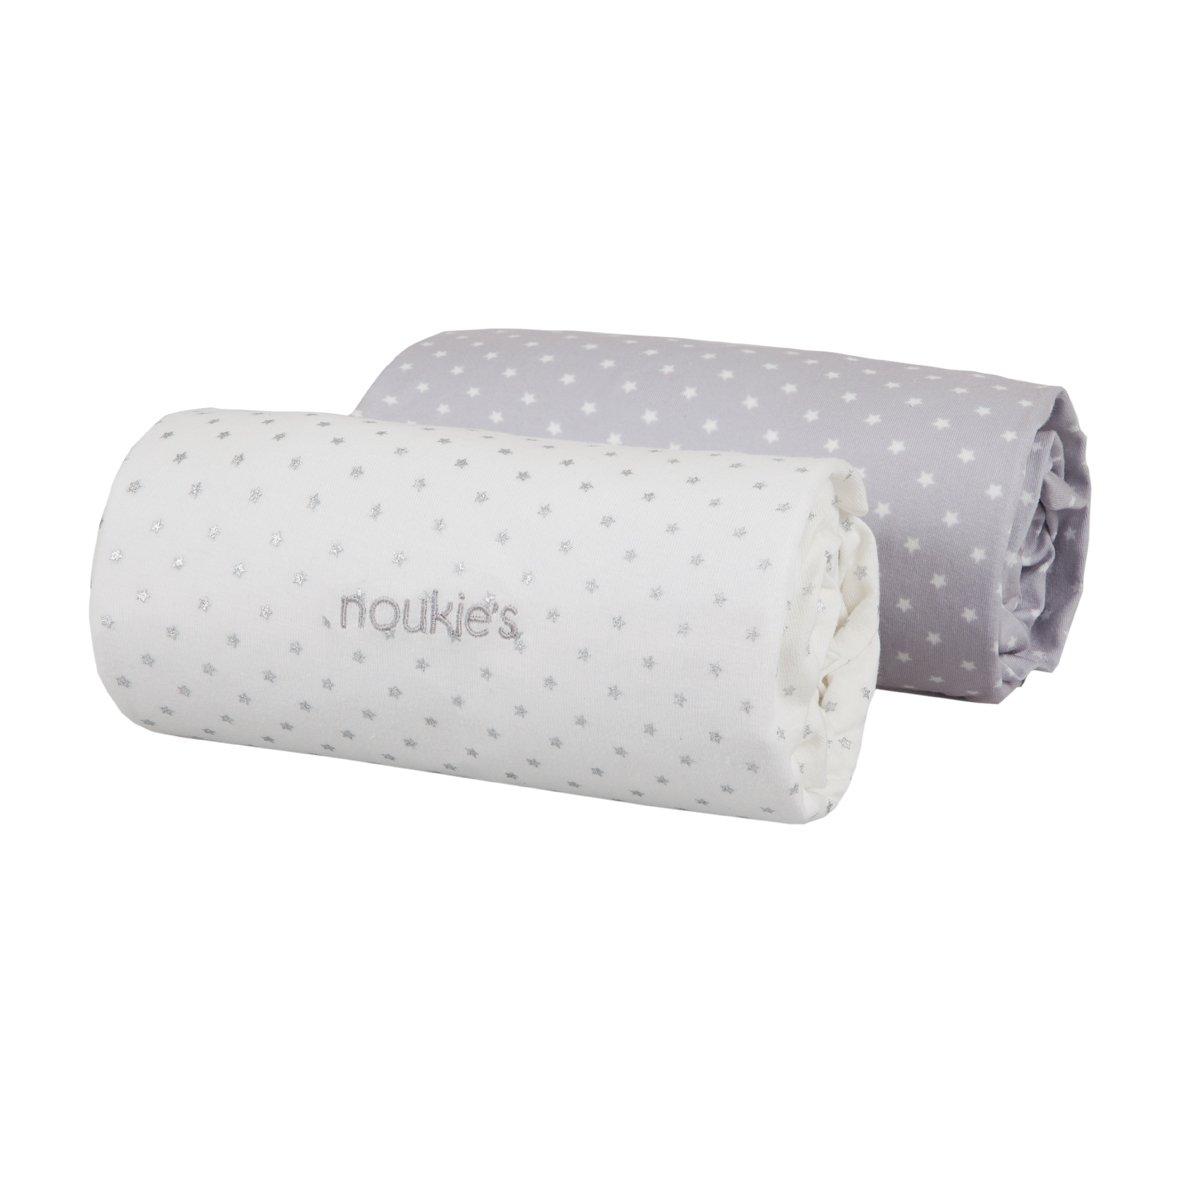 drap housse 120x60 Noukies Draps Housse Mix & Match 60X120cm: Amazon.fr: Bébés  drap housse 120x60